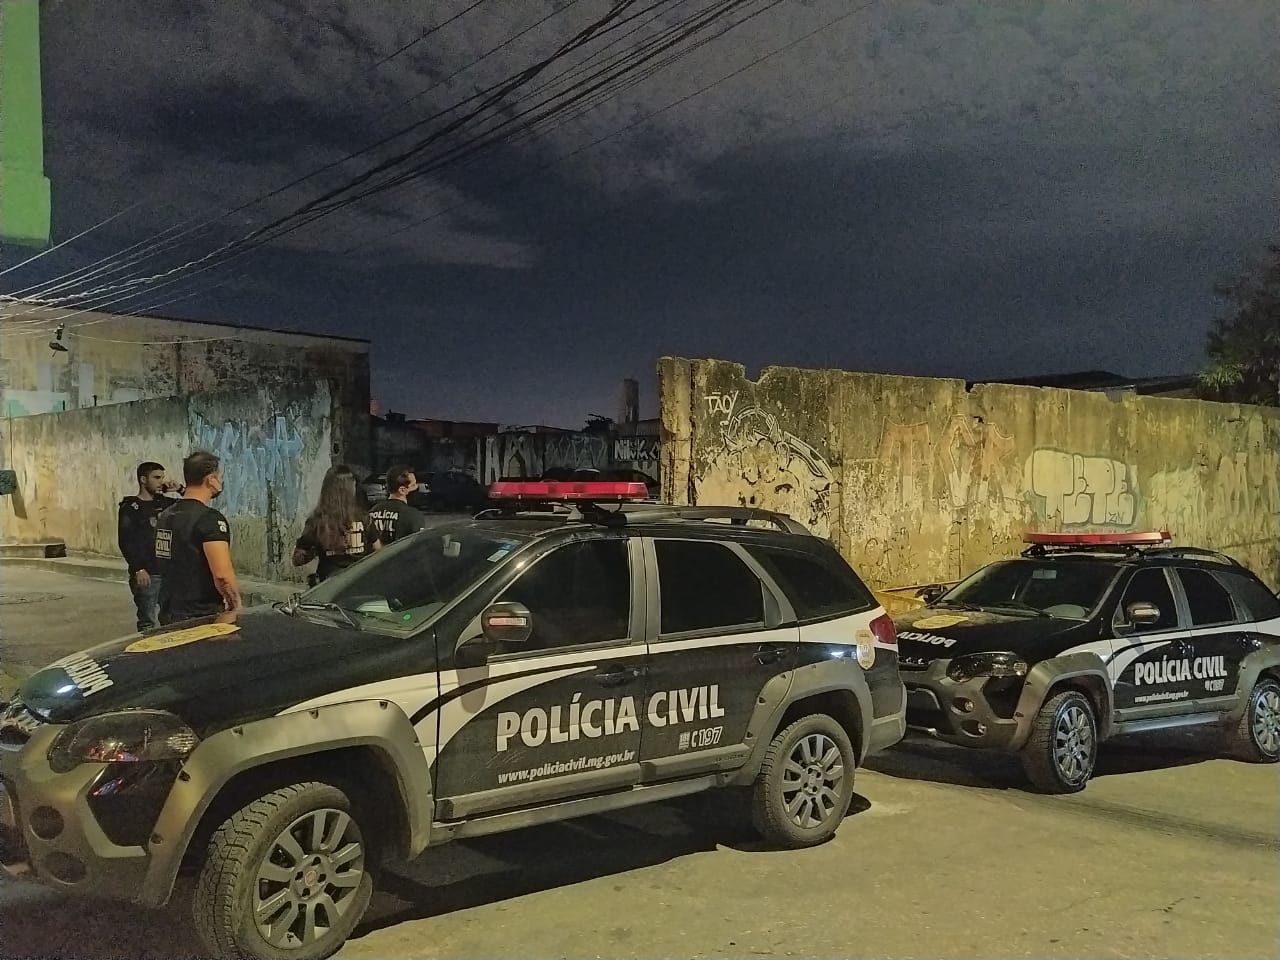 Operação Vigiai mira tráfico de drogas na região Nordeste de Belo Horizonte - Foto: Divulgação/PCMG